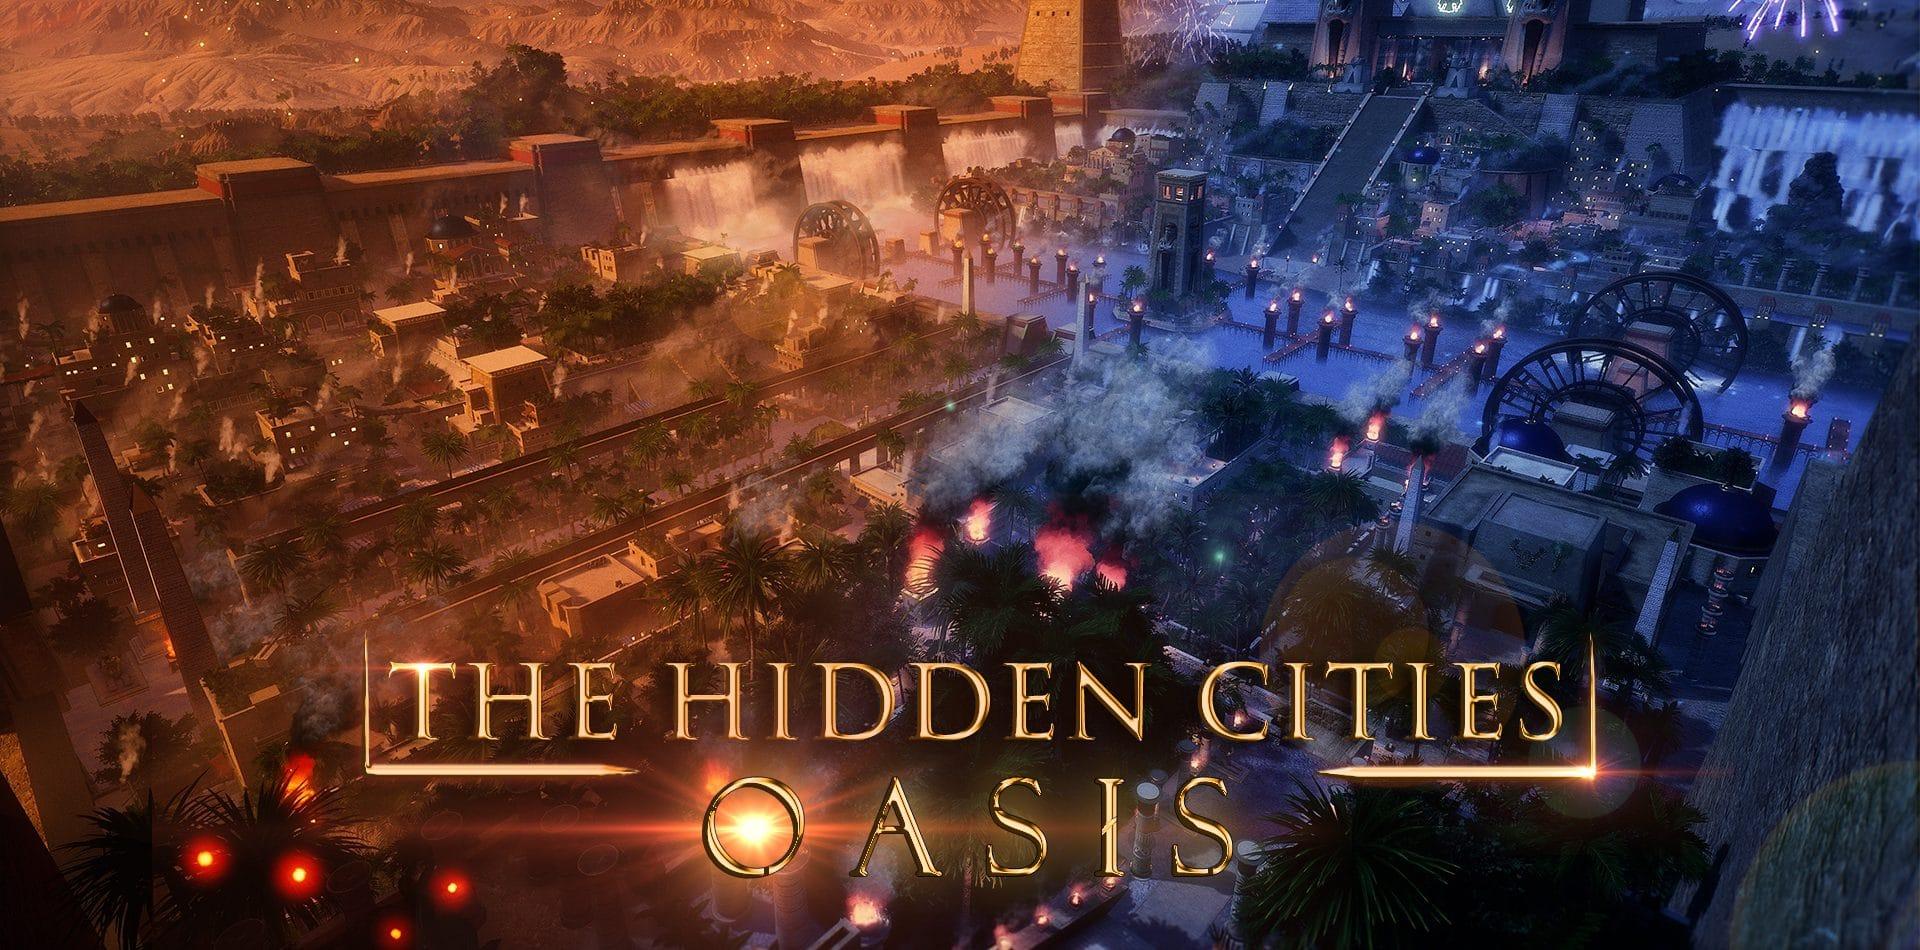 'the hidden cities oasis' trabajo del alumno de videojuegos juan ocamica